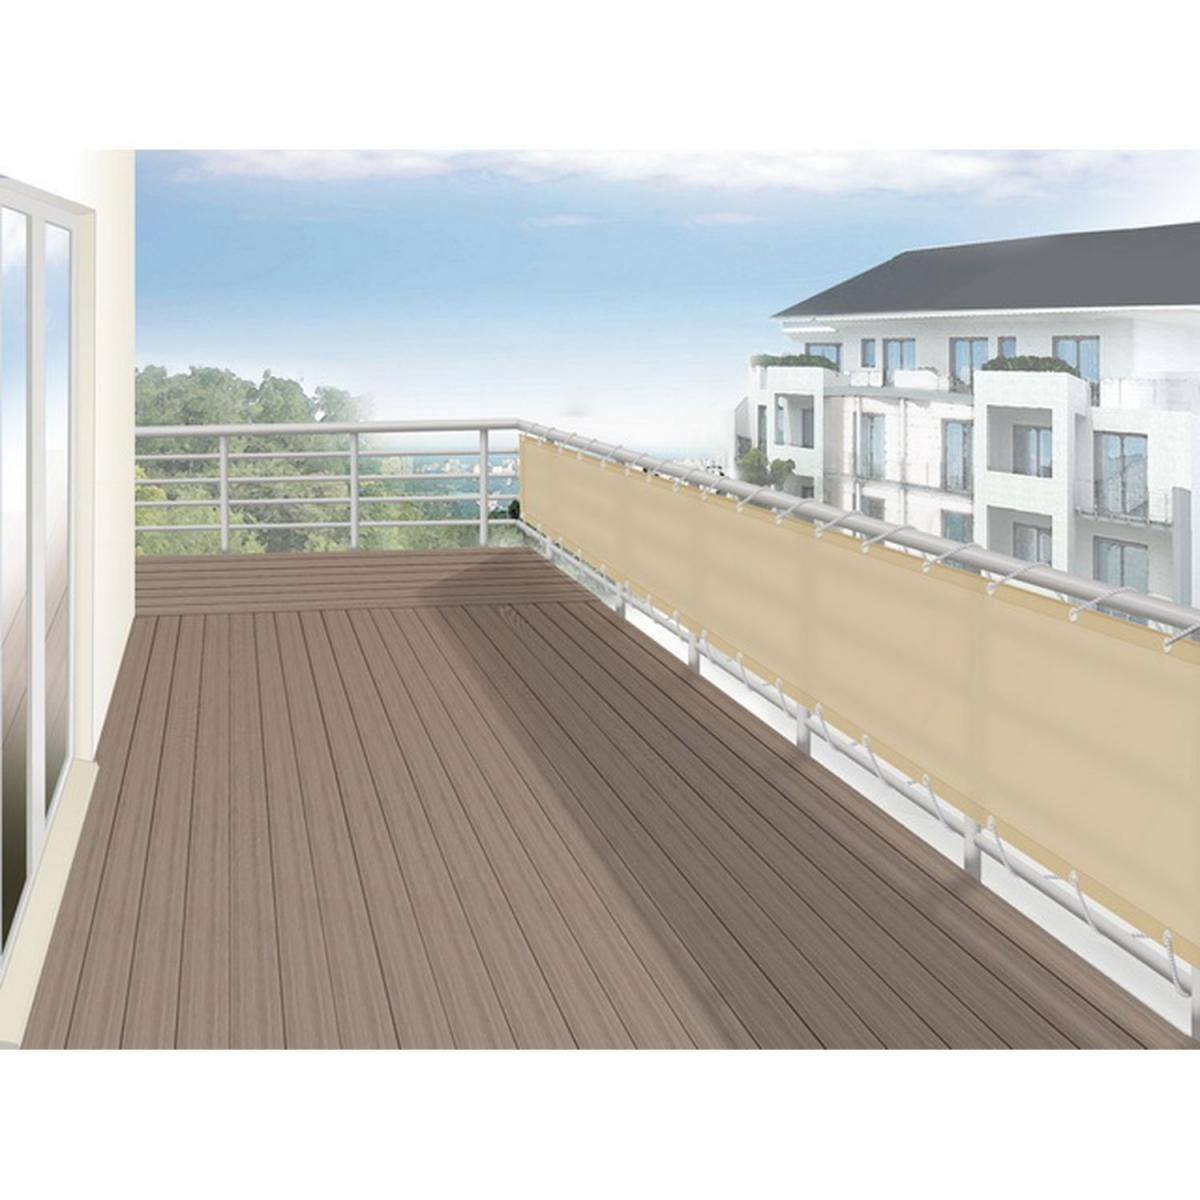 Balkonbespannung Balkonumspannung Online Baumarkt Xxl